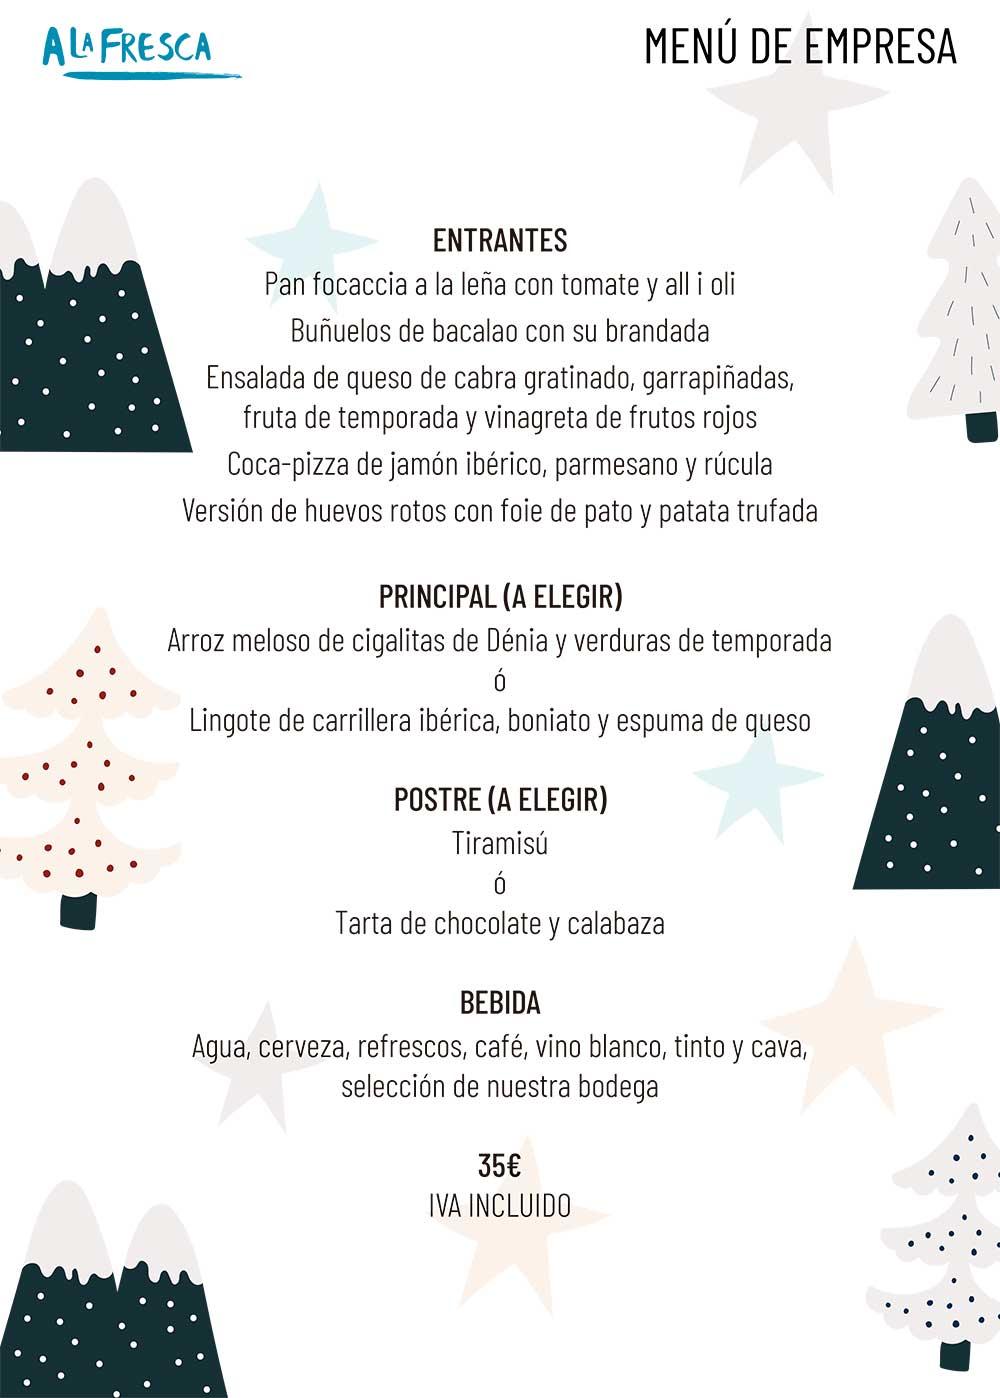 Menú-35e-comidas-de-empresa-A-la-fresca-Navidad-2020